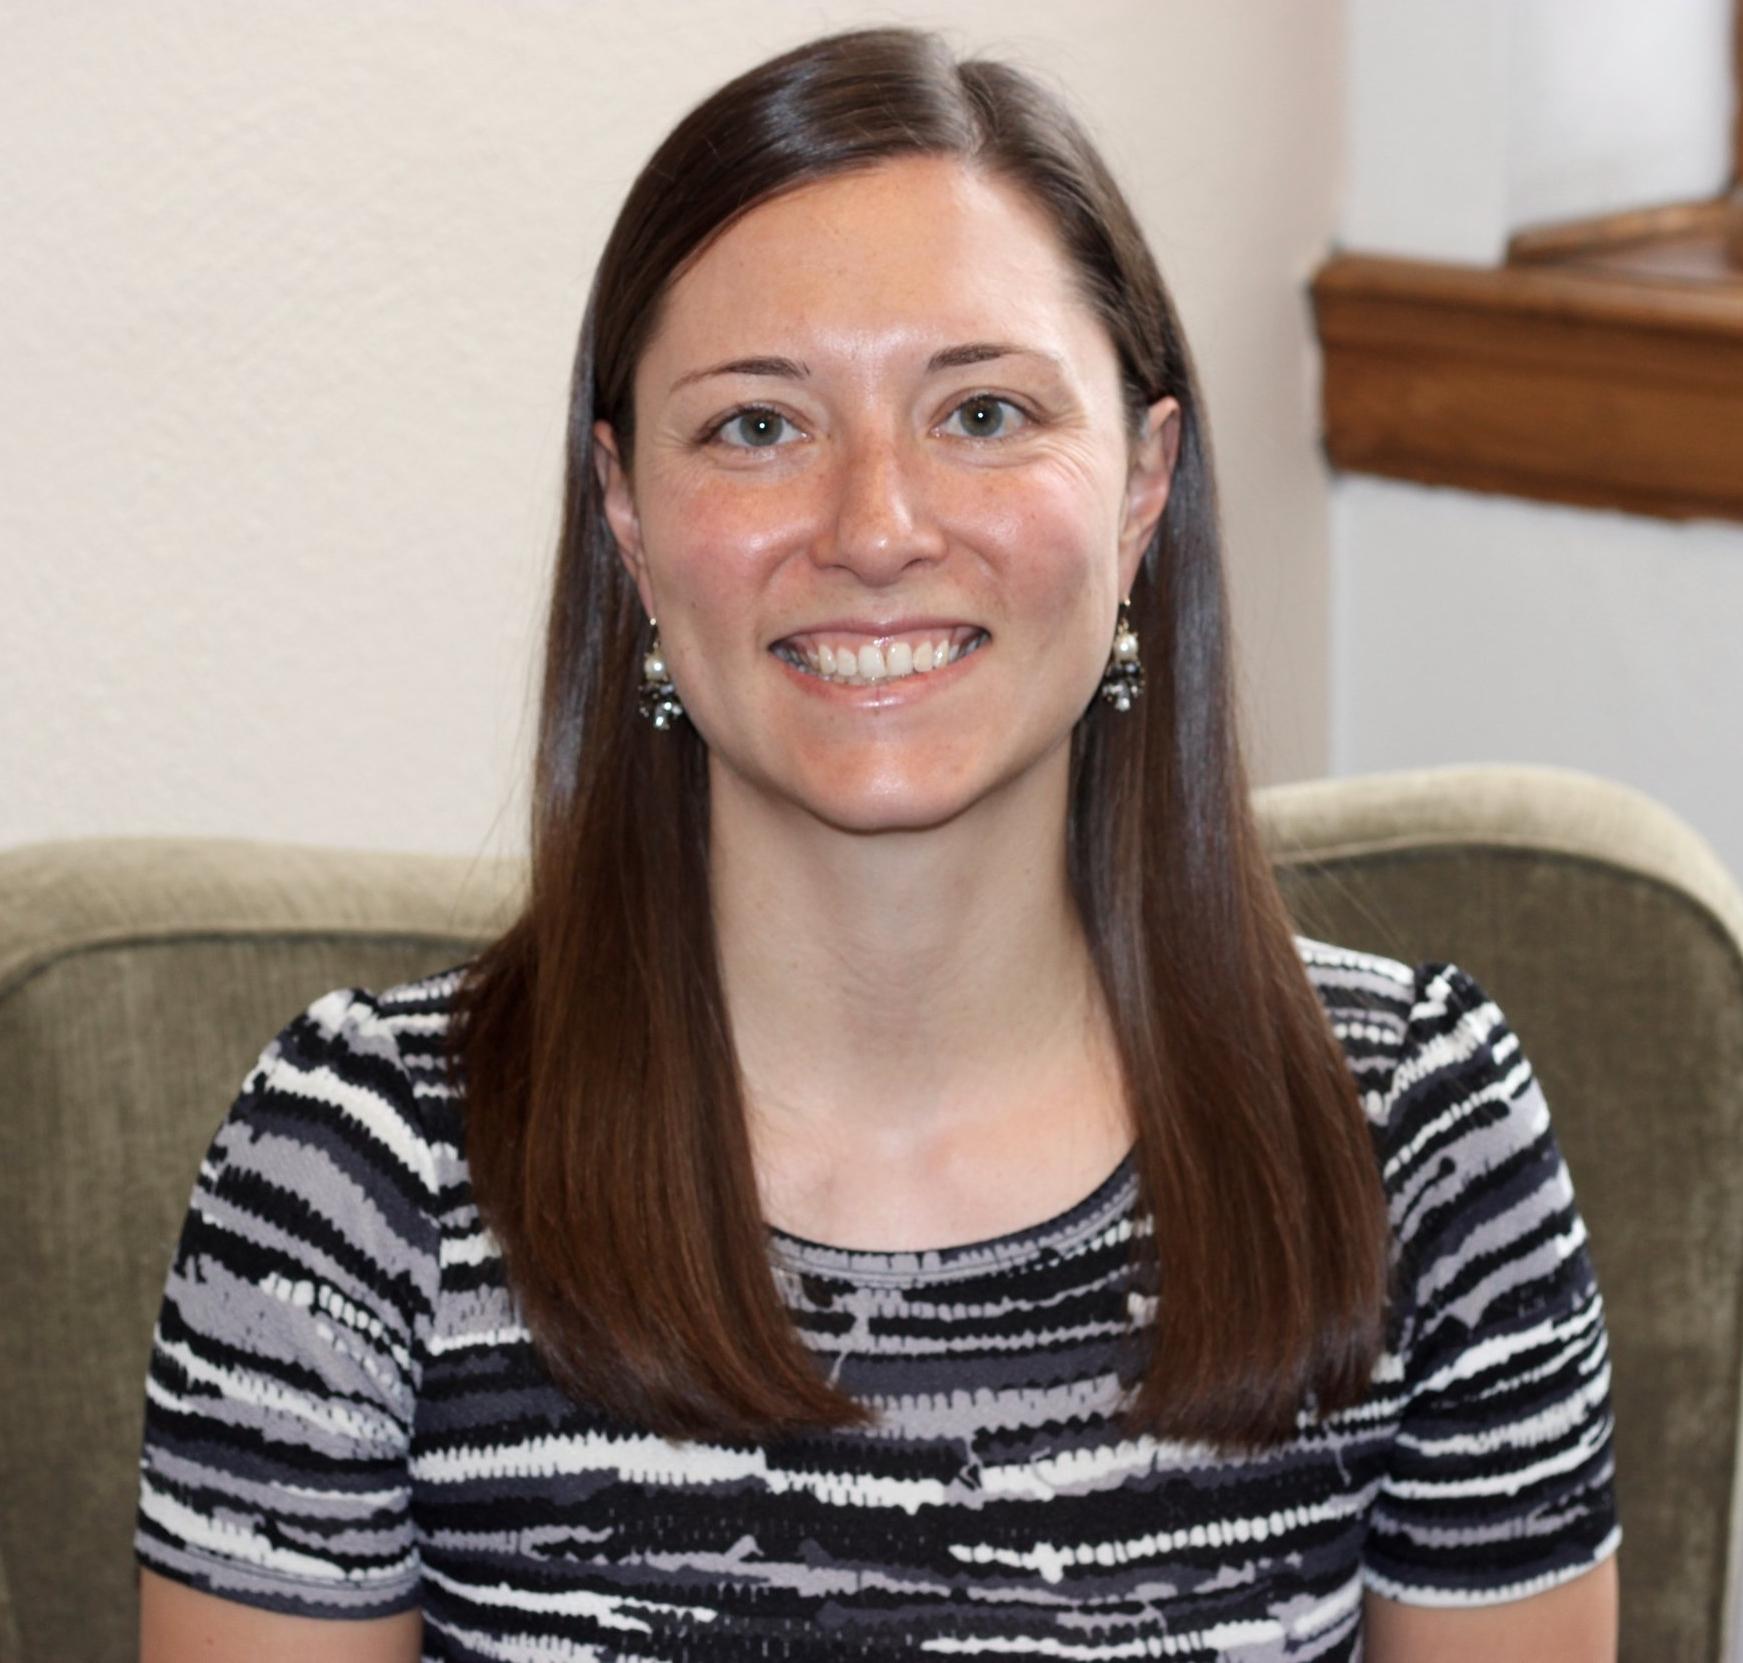 Ann Phillips - Head of Upper School, Ursuline Academy